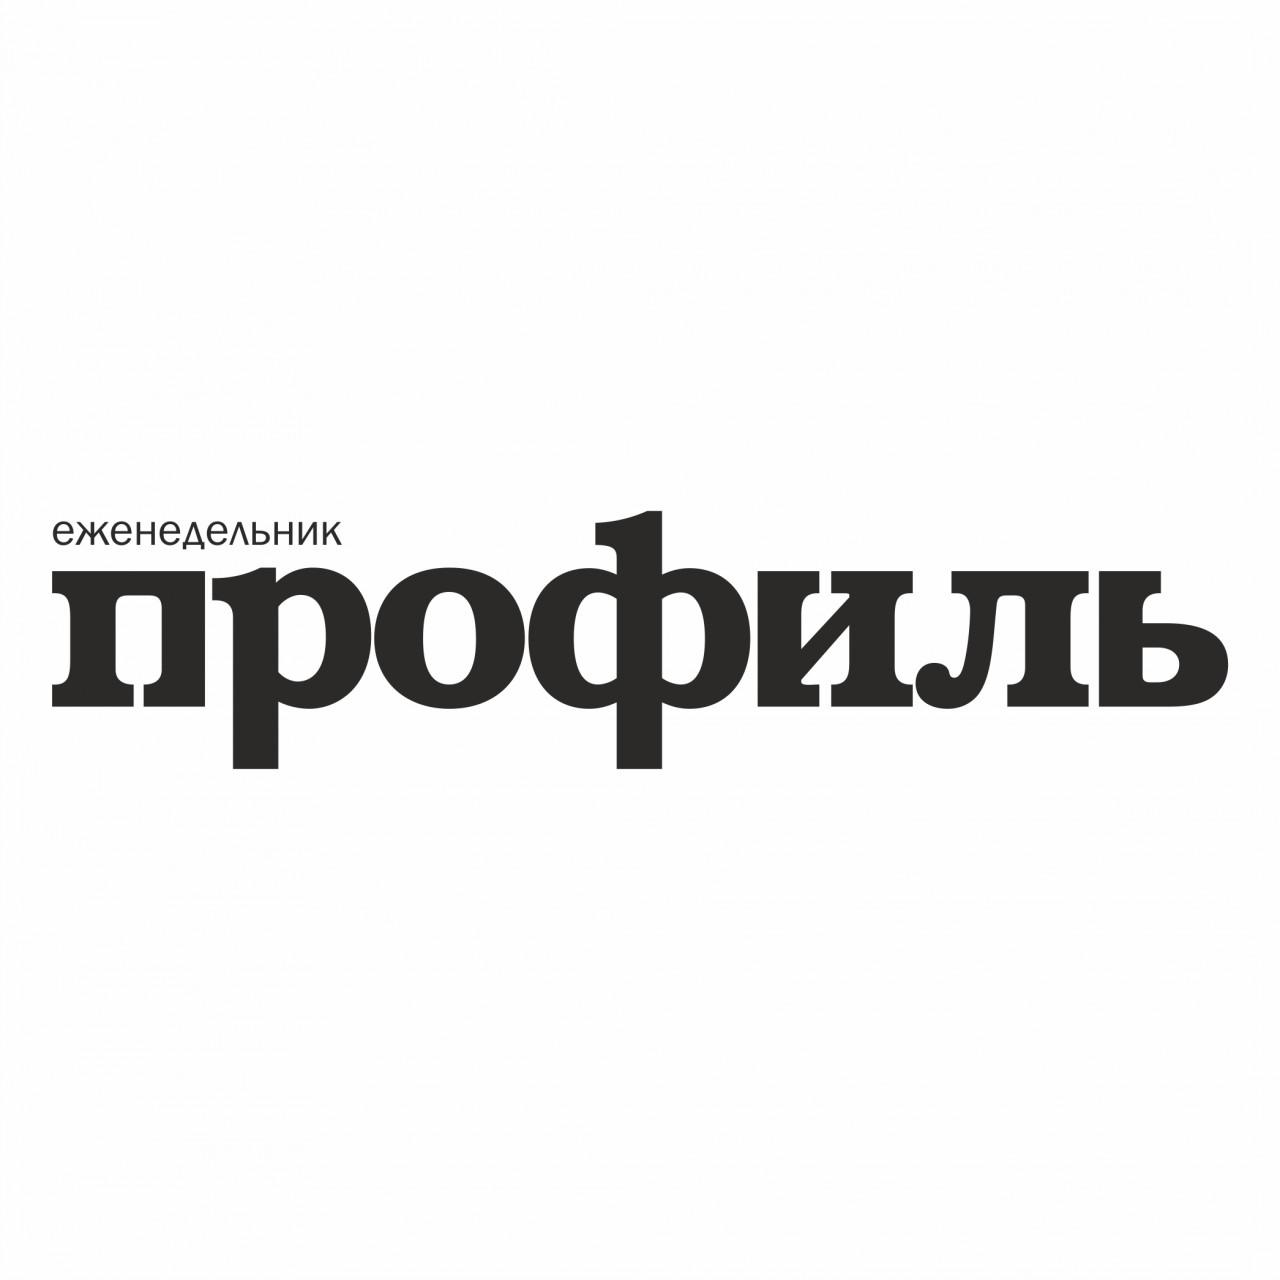 Московские аэропорты поддержали новый список запретов для пассажиров